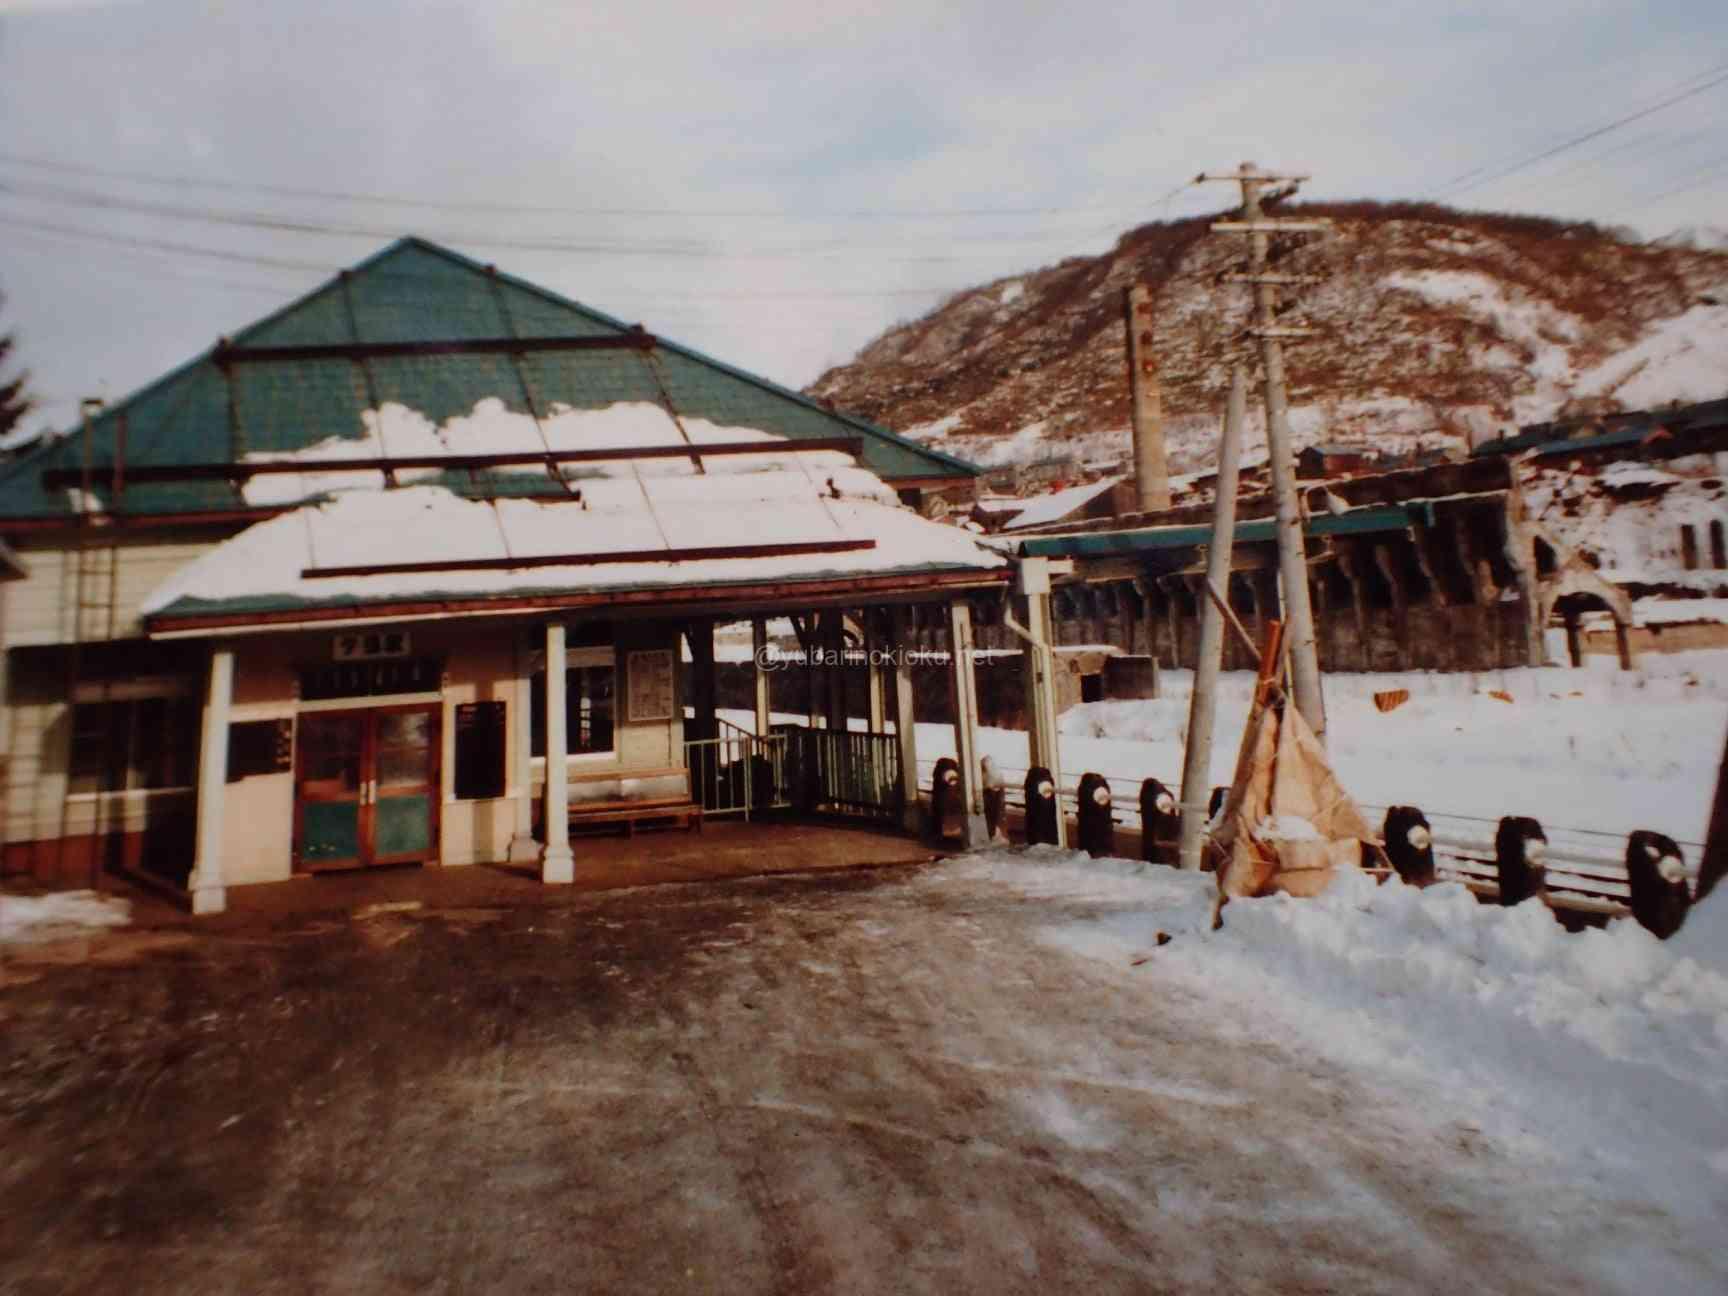 昭和56年1月に帰省したときの夕張駅駅舎